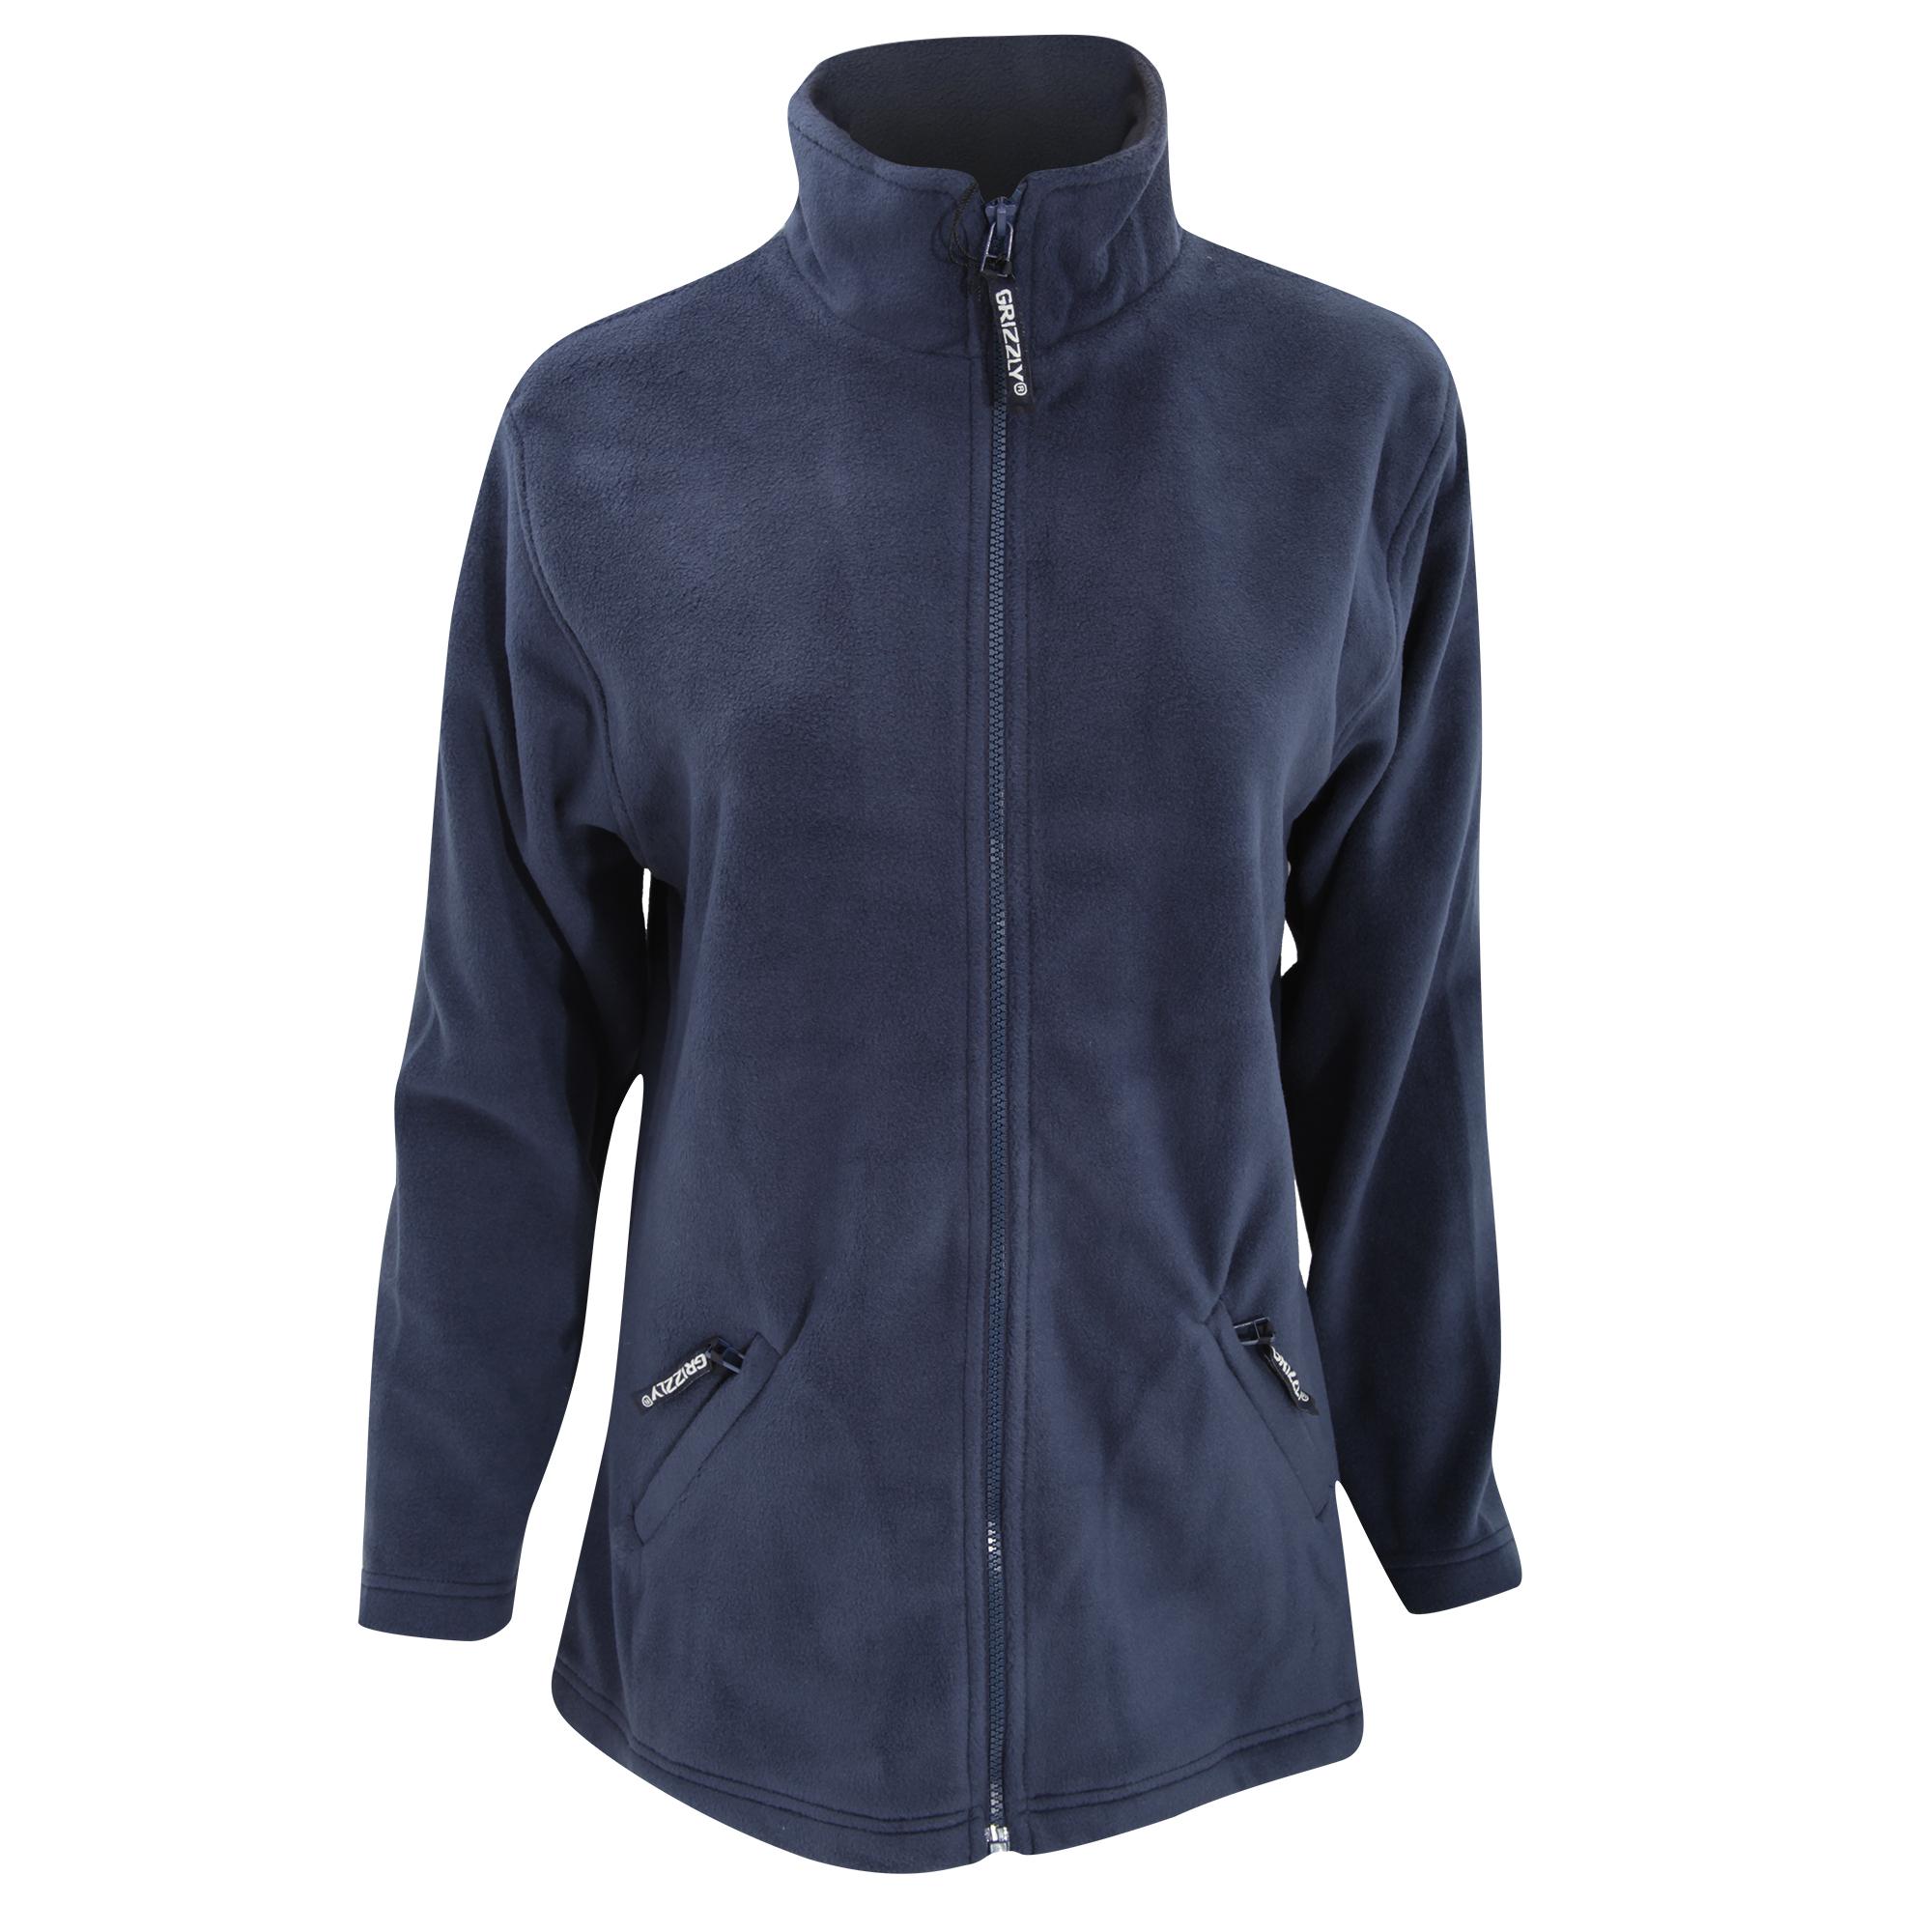 Grizzly Womens/Ladies Full Zip Active Fleece Jacket (XL) (Navy)